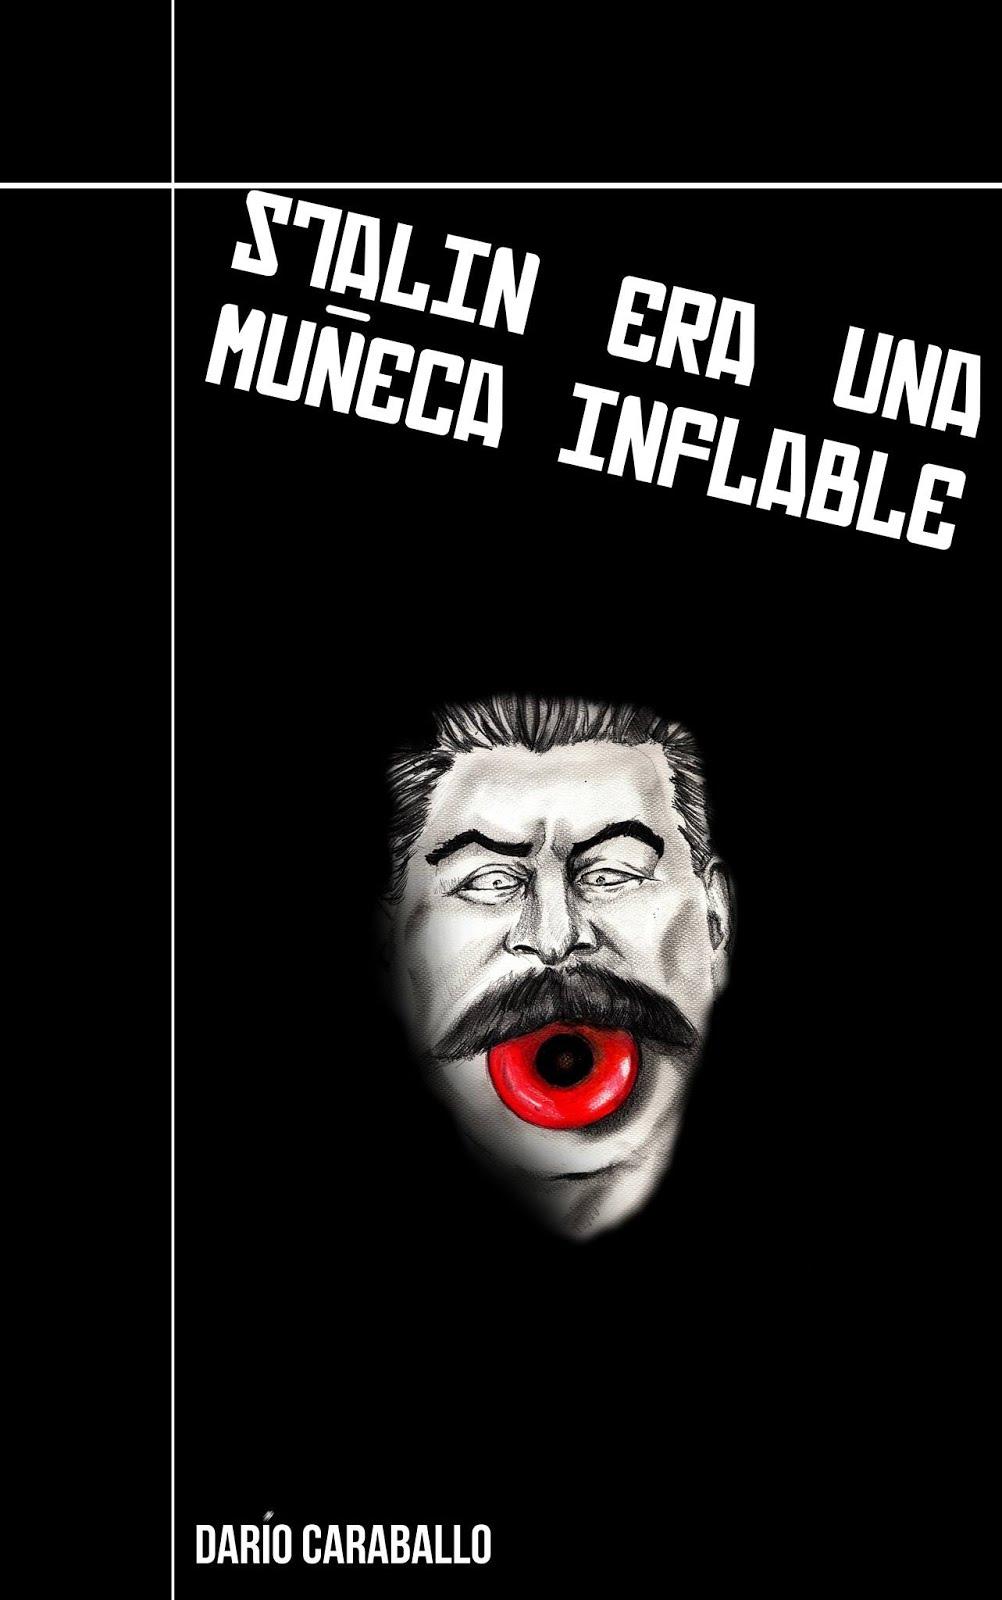 Este es mi cuarto libro: Stalin era una muñeca inflable